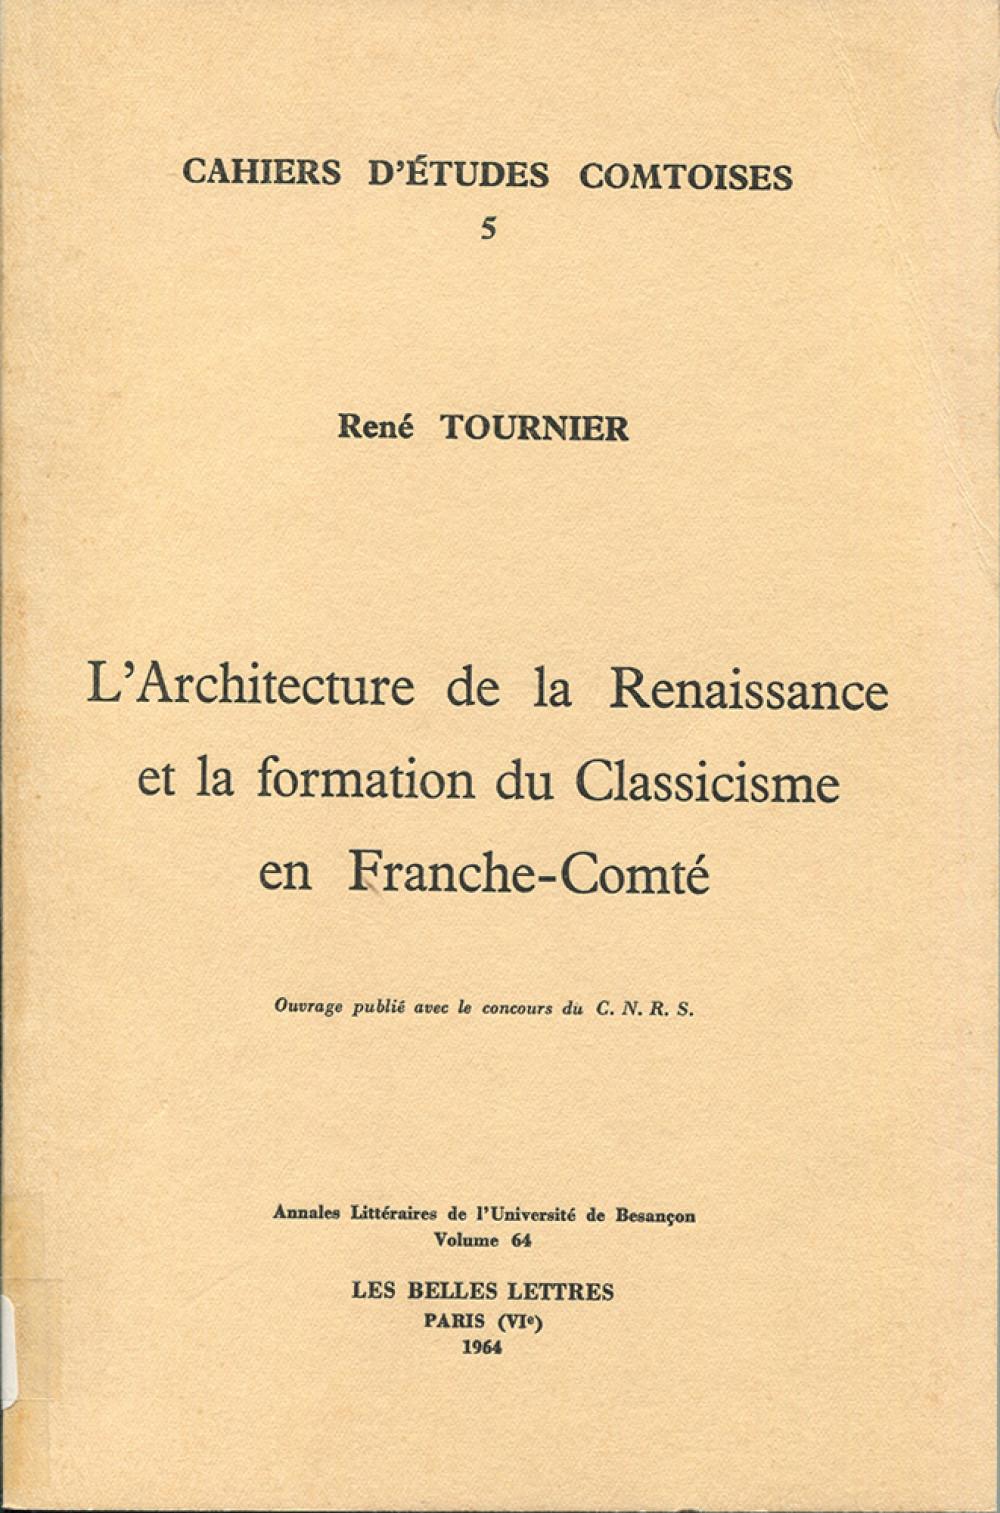 L'architecture de la Renaissance et la formation du Classicisme en Franche-Comté